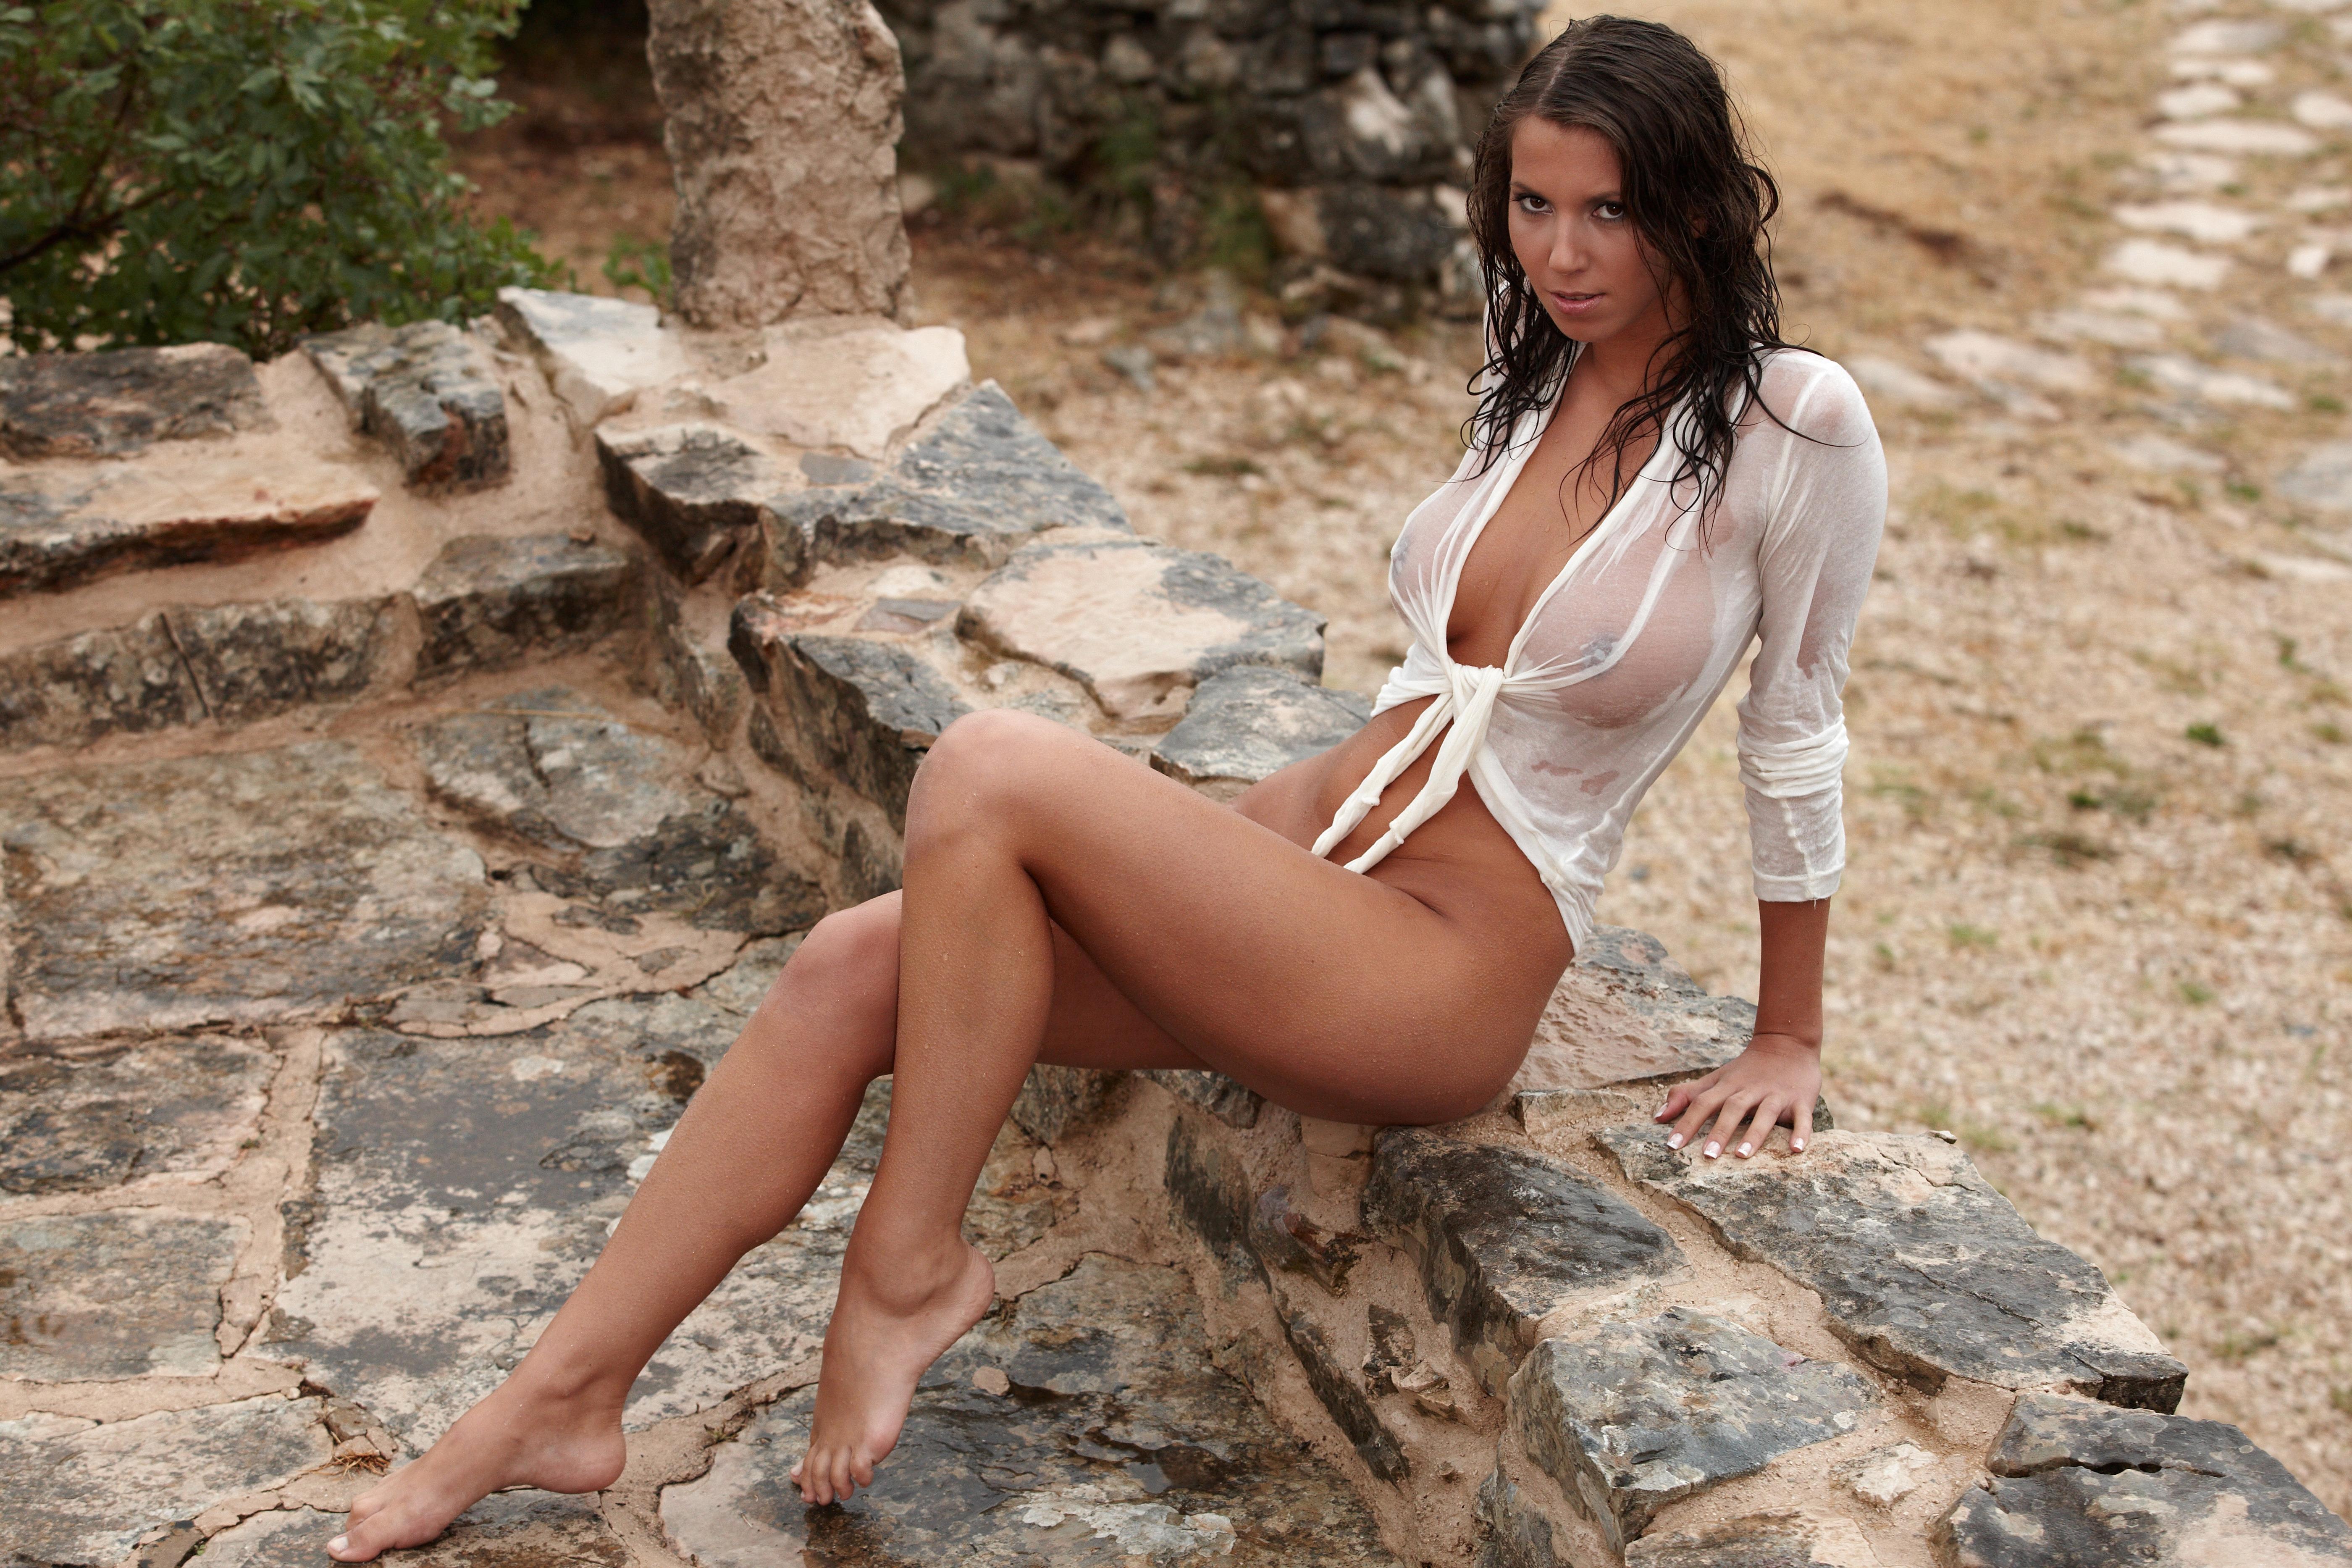 Самая красивая девушка на свете фото голая 2 фотография